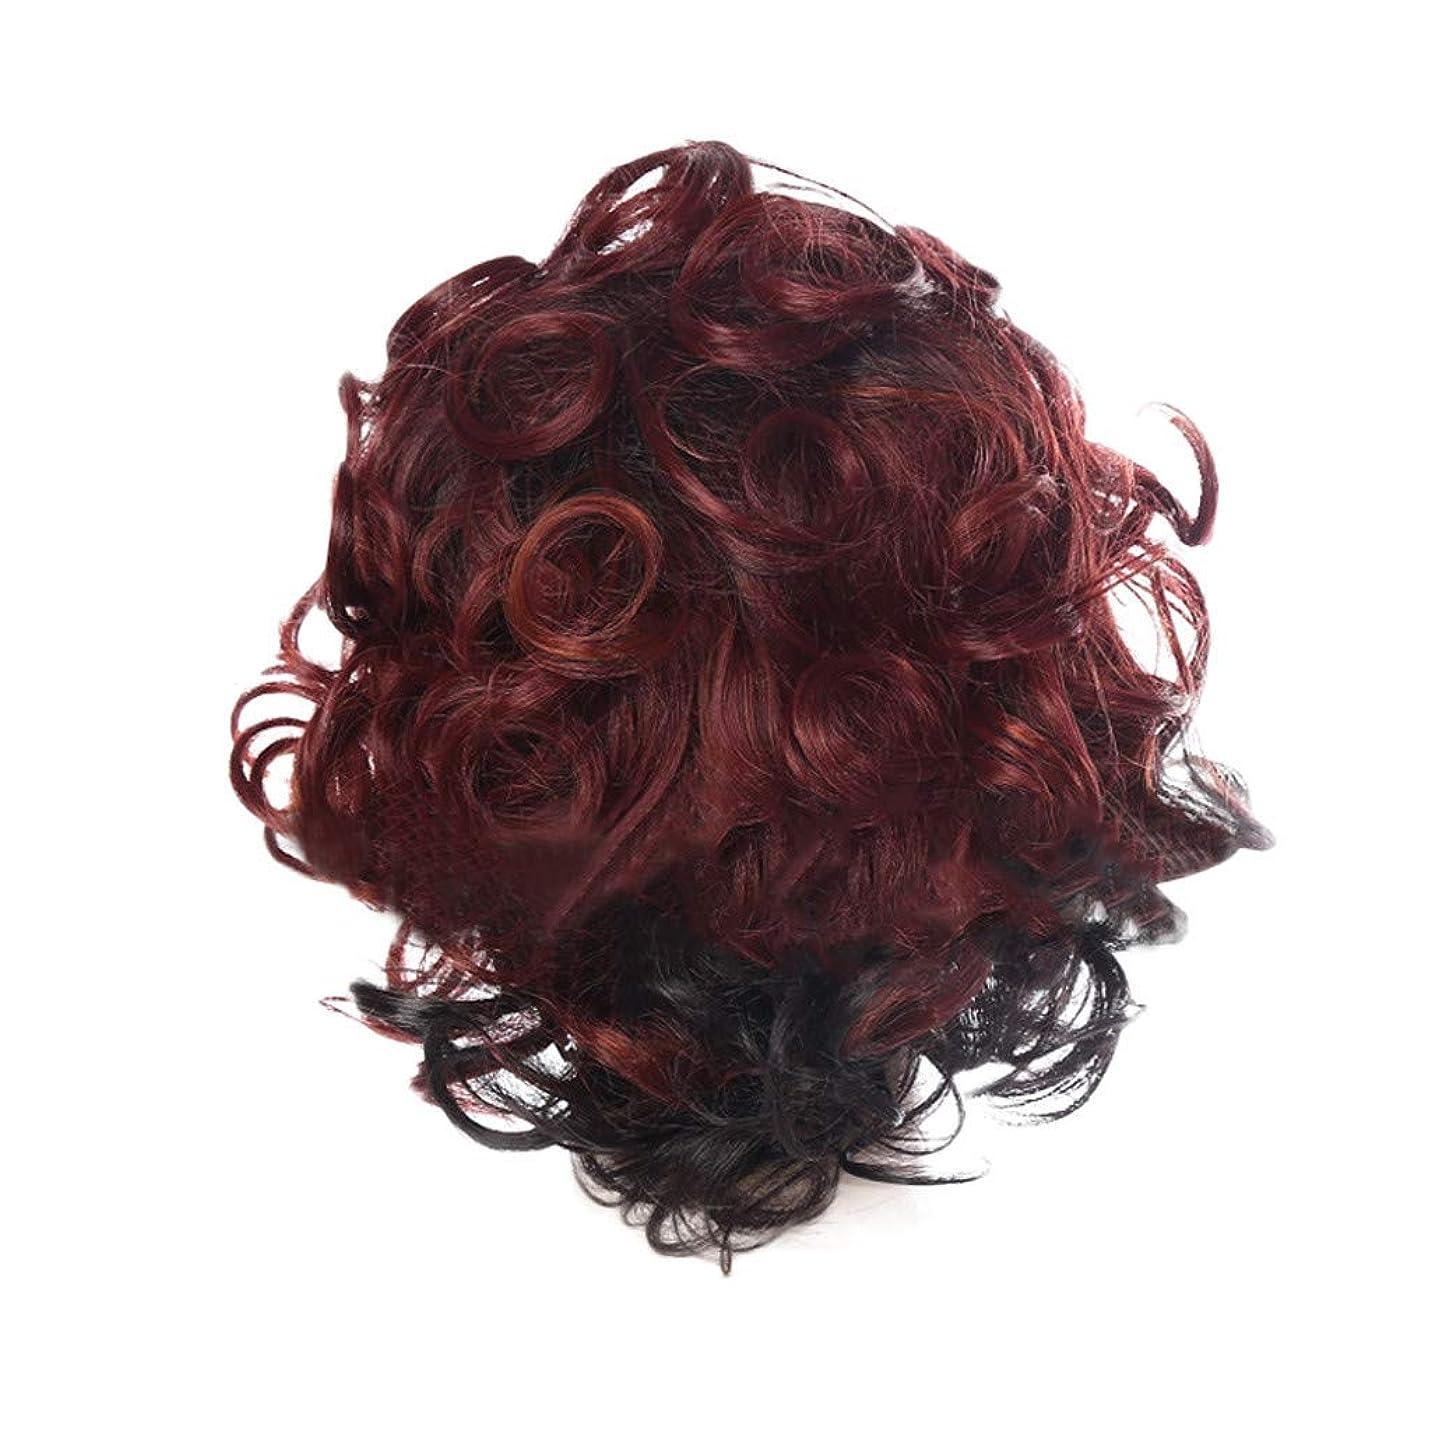 振り子分析するメロディー女性の赤い短い巻き毛の人格爆発ヘッドかつら35 cmをかつら